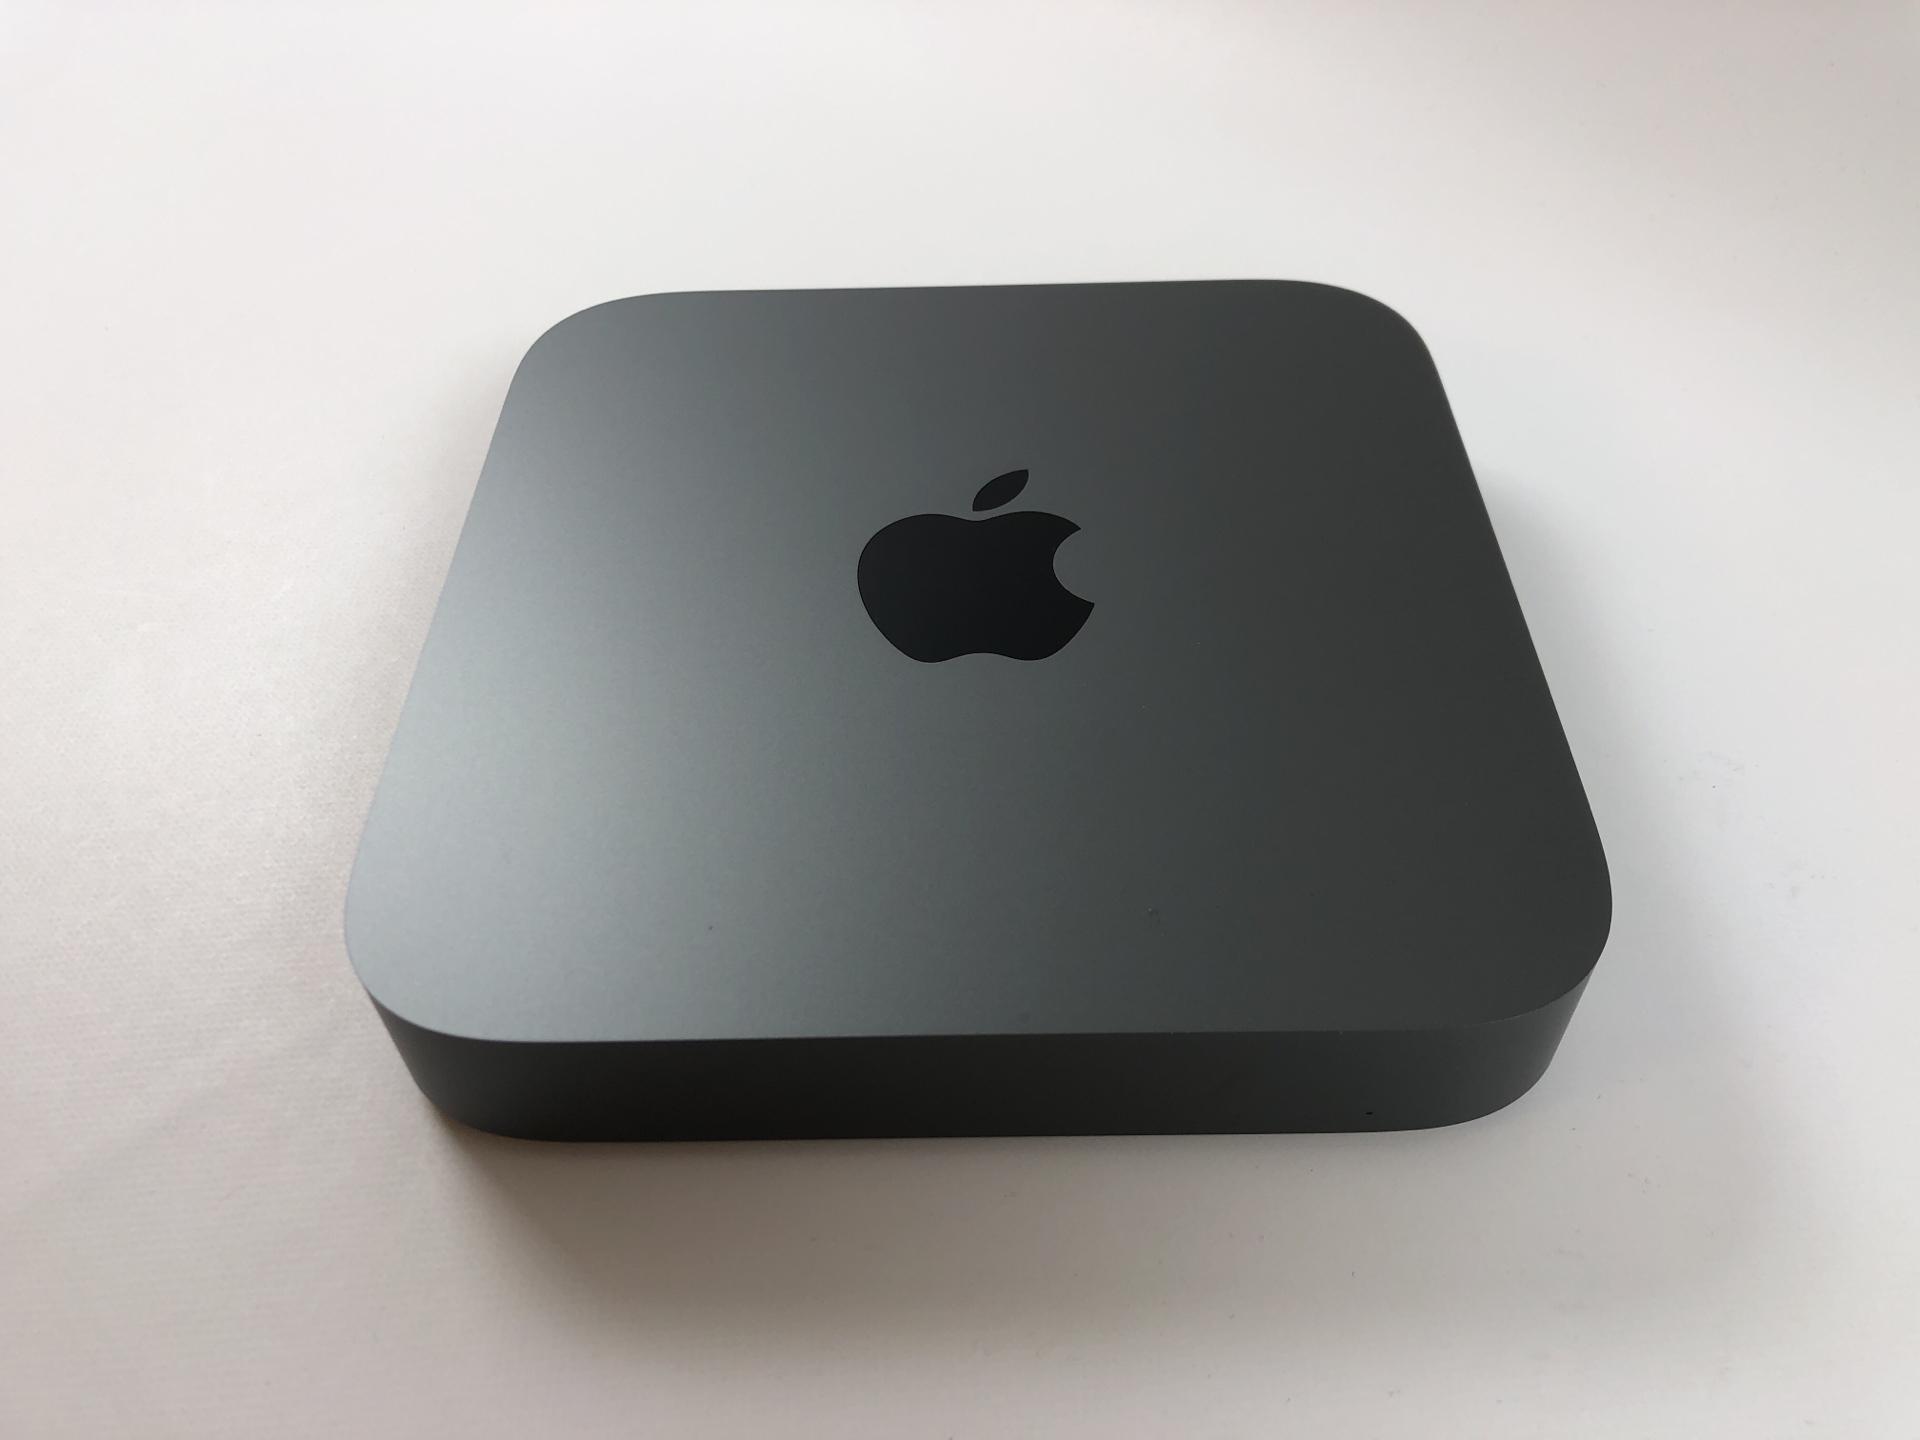 Mac Mini Late 2018 (Intel Quad-Core i3 3.6 GHz 64 GB RAM 128 GB SSD), Intel Quad-Core i3 3.6 GHz, 64 GB RAM, 128 GB SSD, Kuva 1